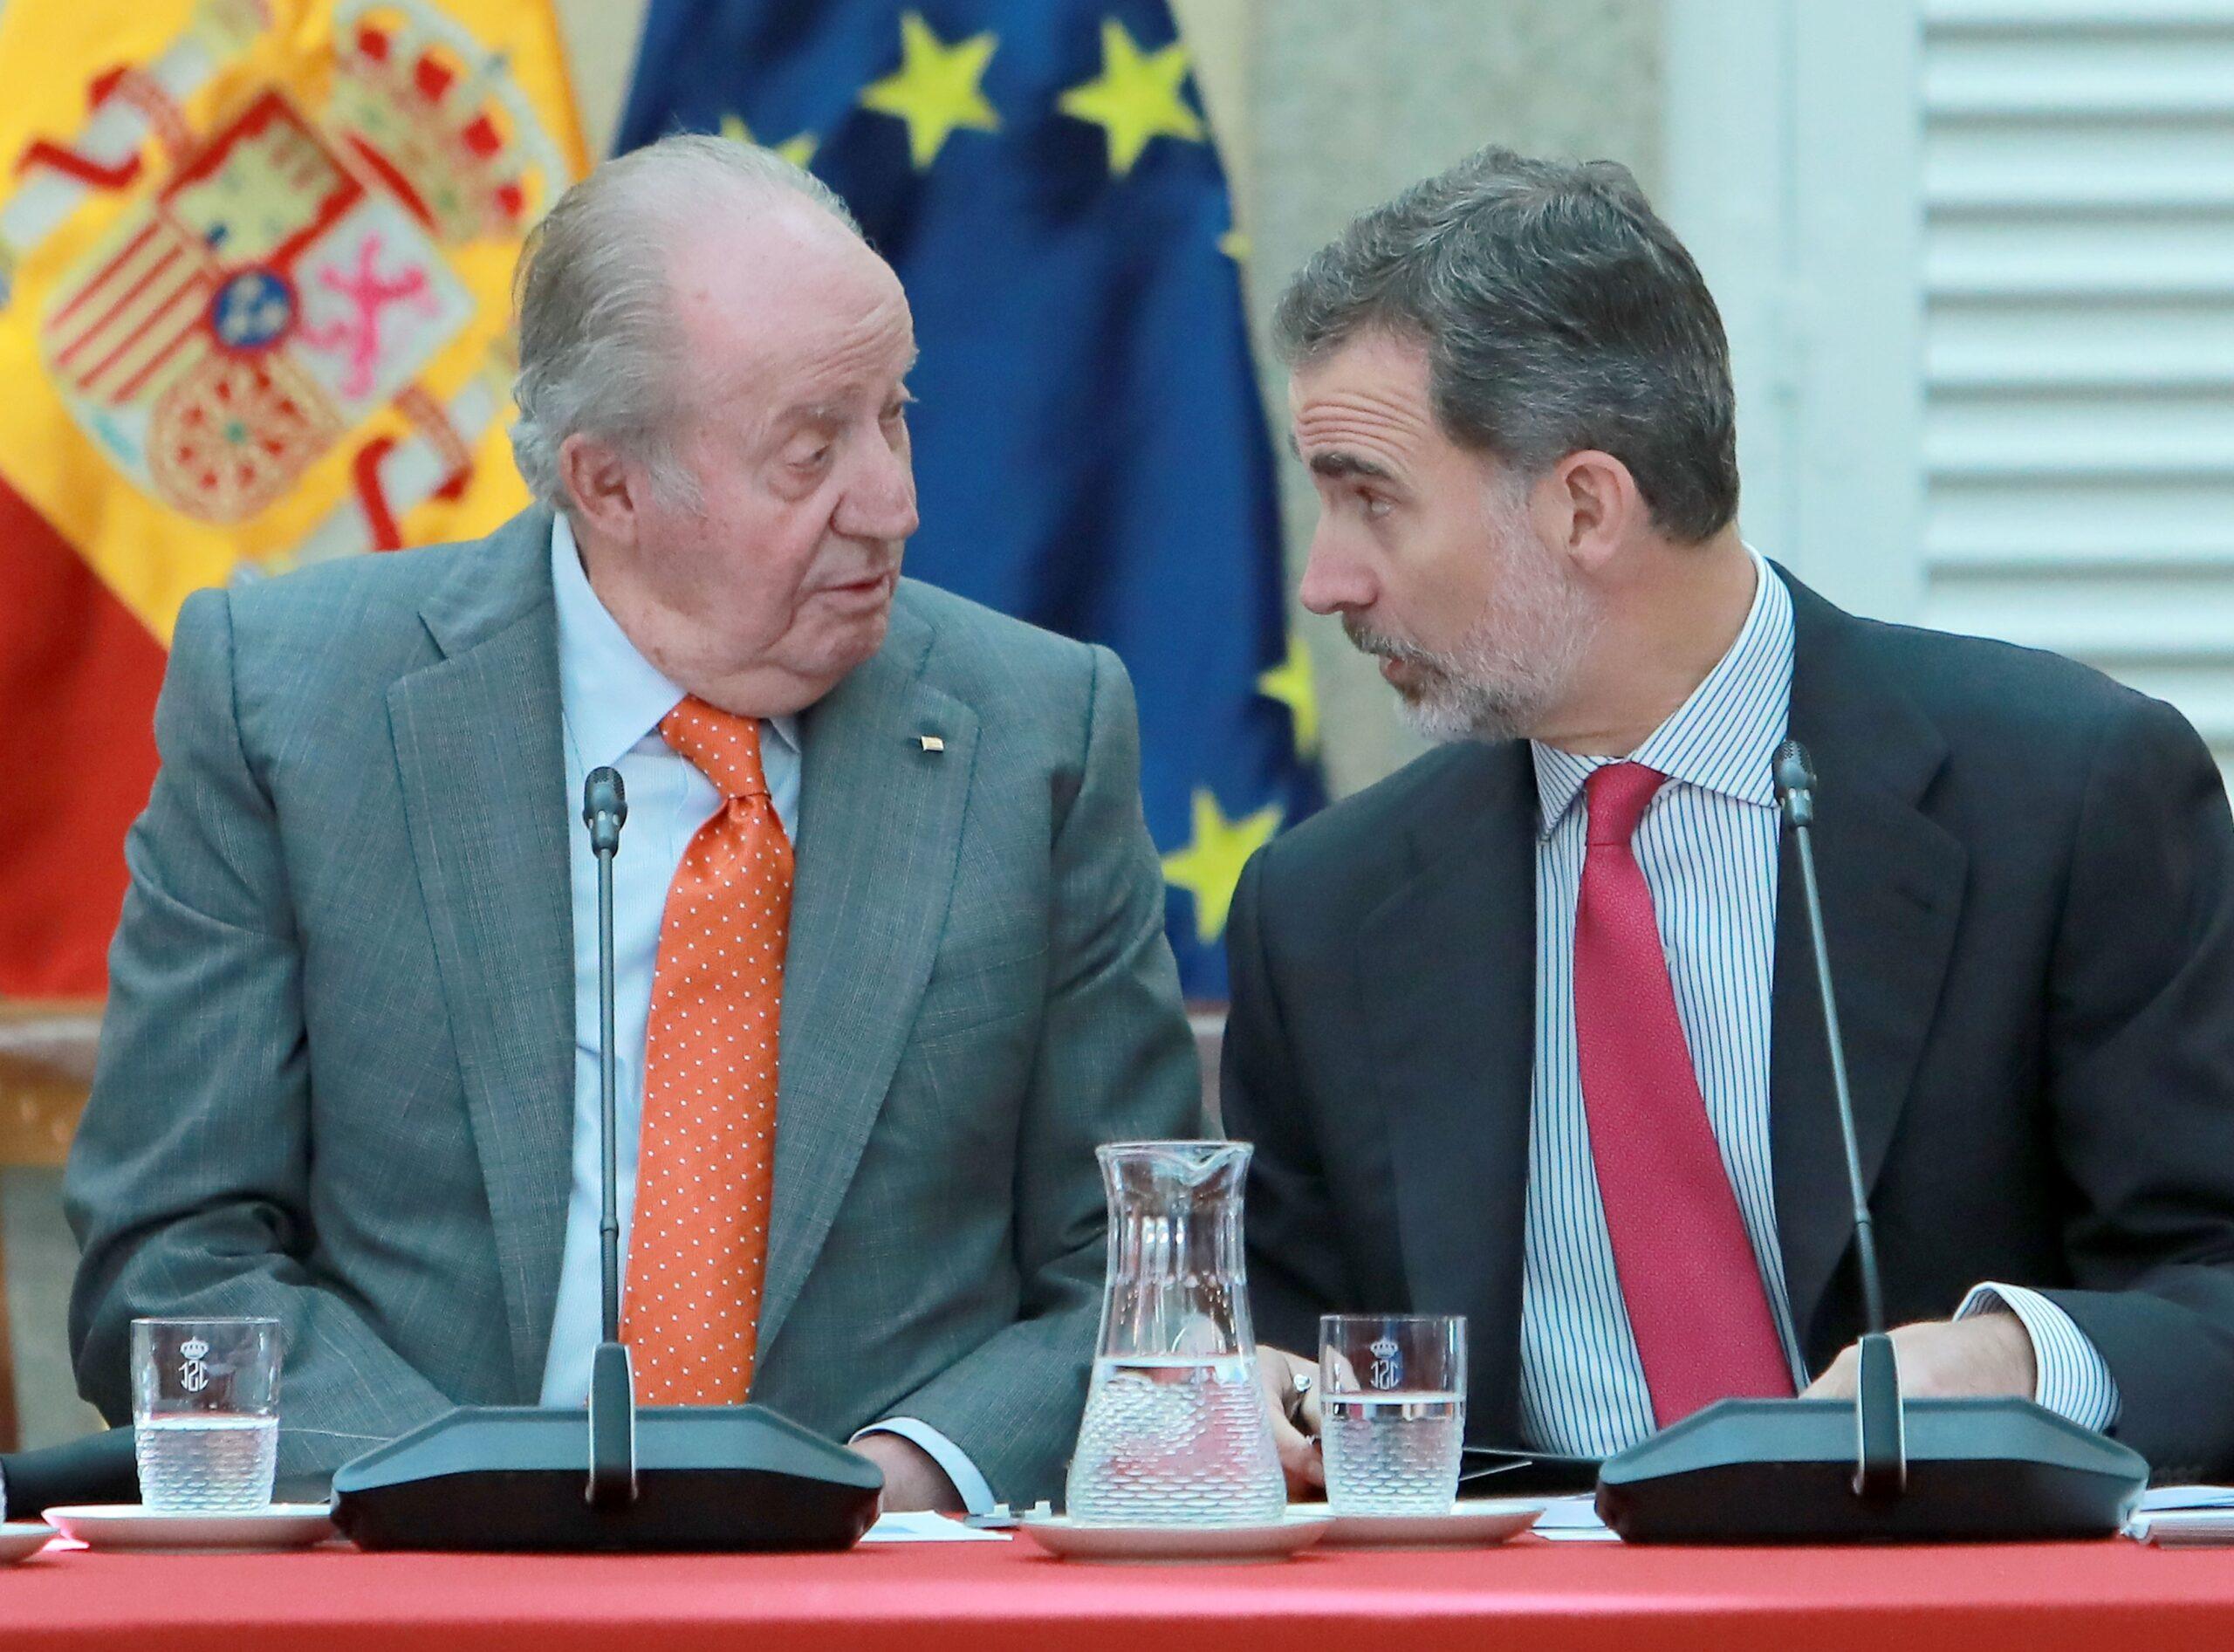 Joan Carles I i Felip VI en una imatge d'arxiu | Europa Press